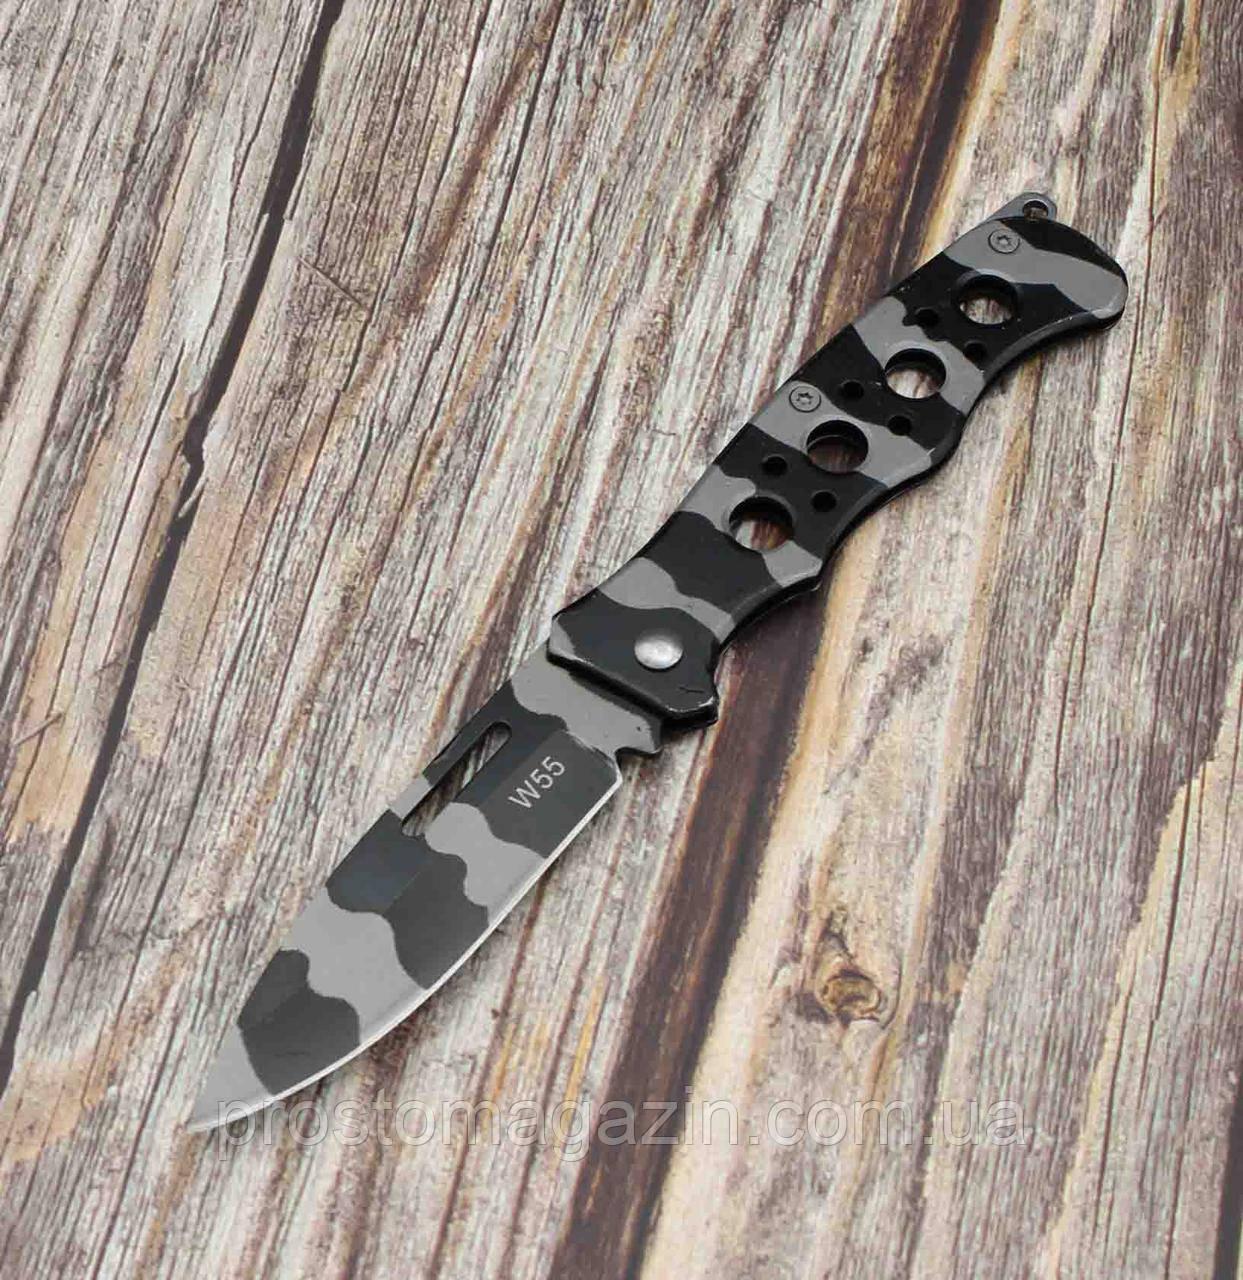 Ніж складаний - сіро-чорний камуфляж, тонкий і зручний